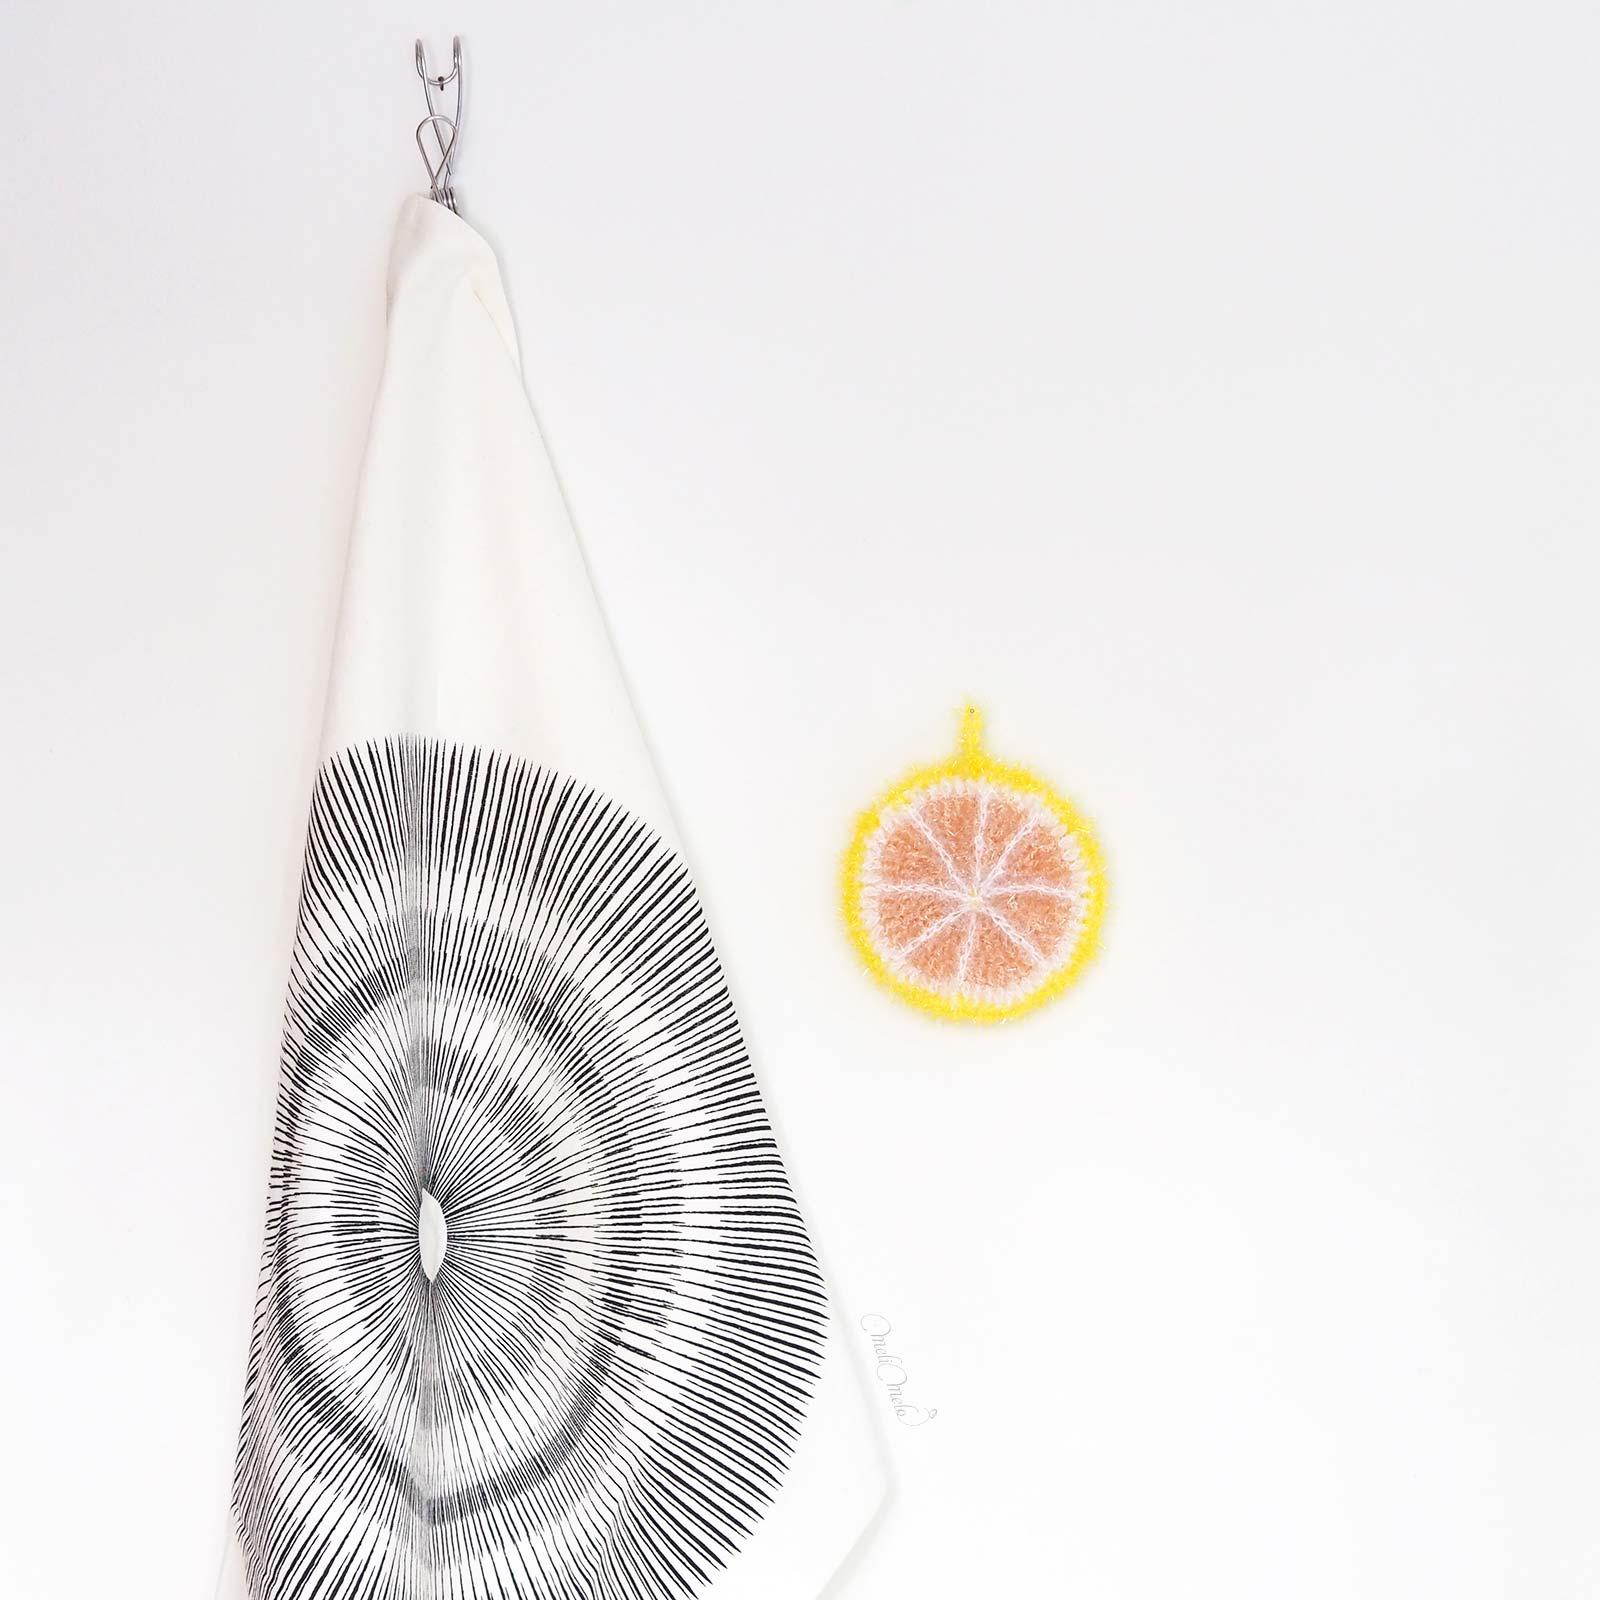 Éponge Tawashi vaisselle ou corps pamplemousse creative bubble rico design laboutiquedemelimelo